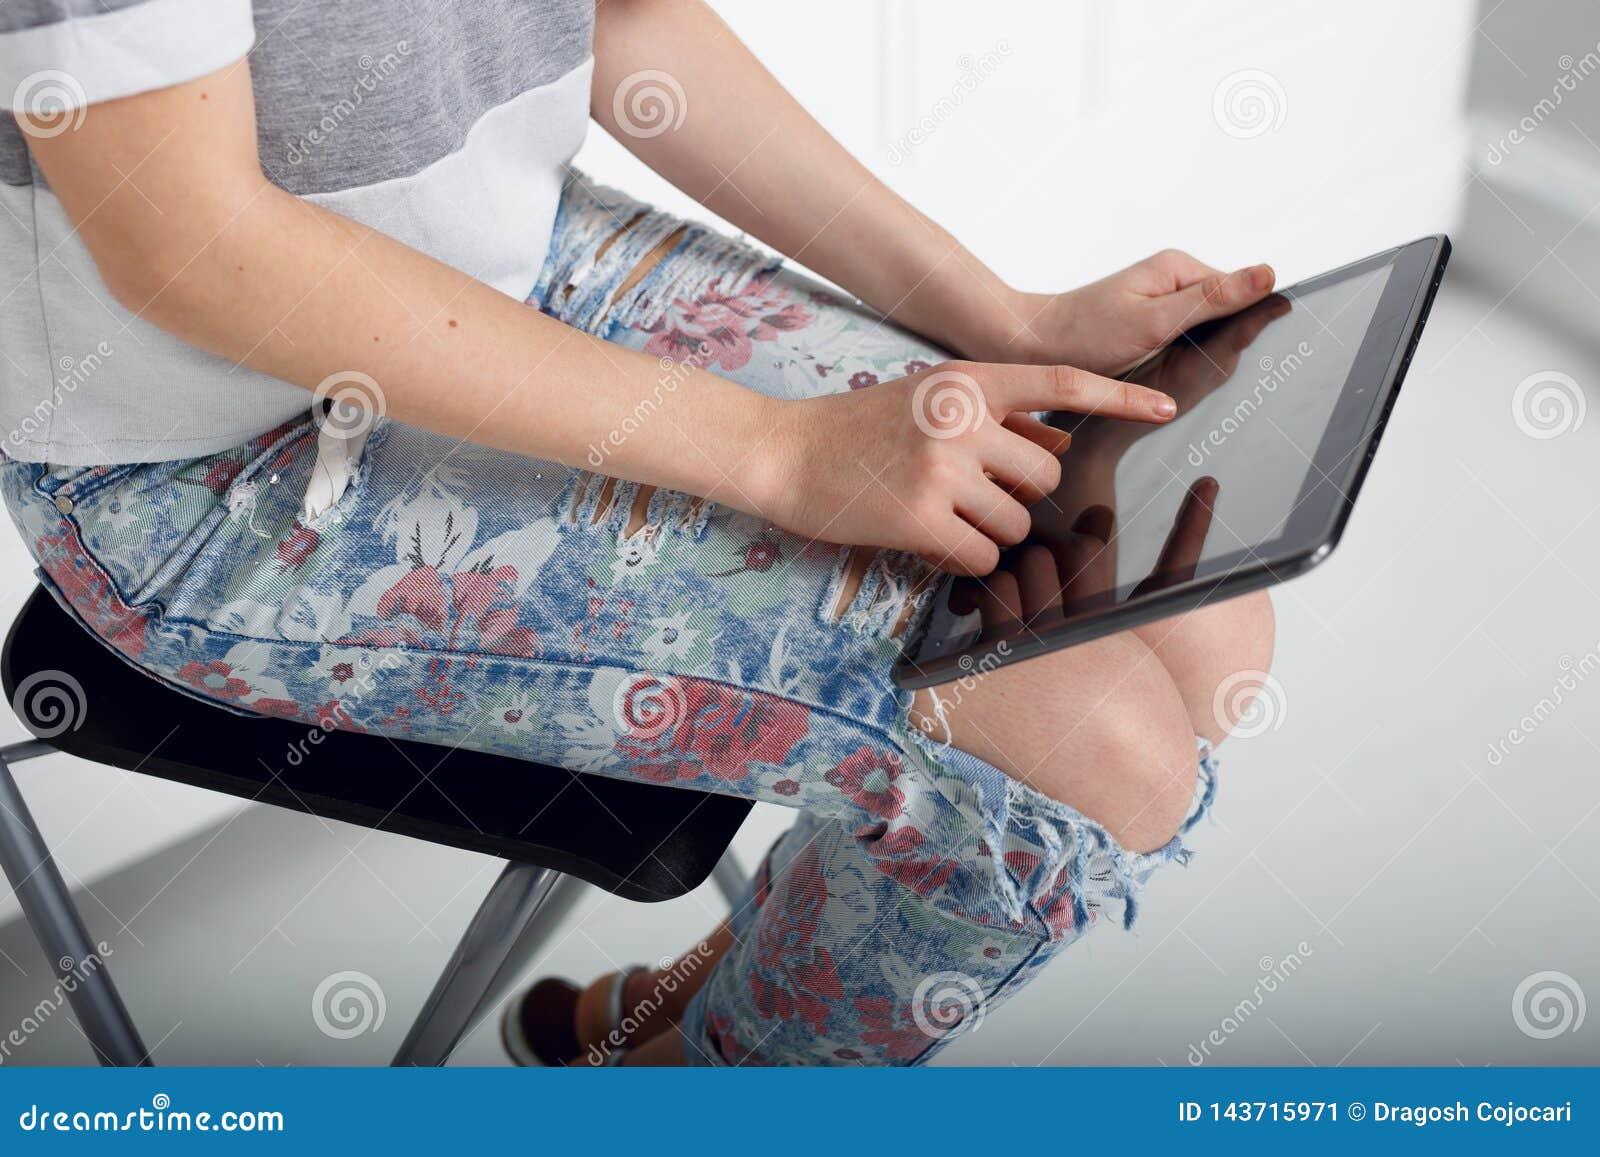 Fermez-vous d une fille tenant sur son genou un comprimé et touchez l écran avec le doigt Presses de main sur la tablette digital